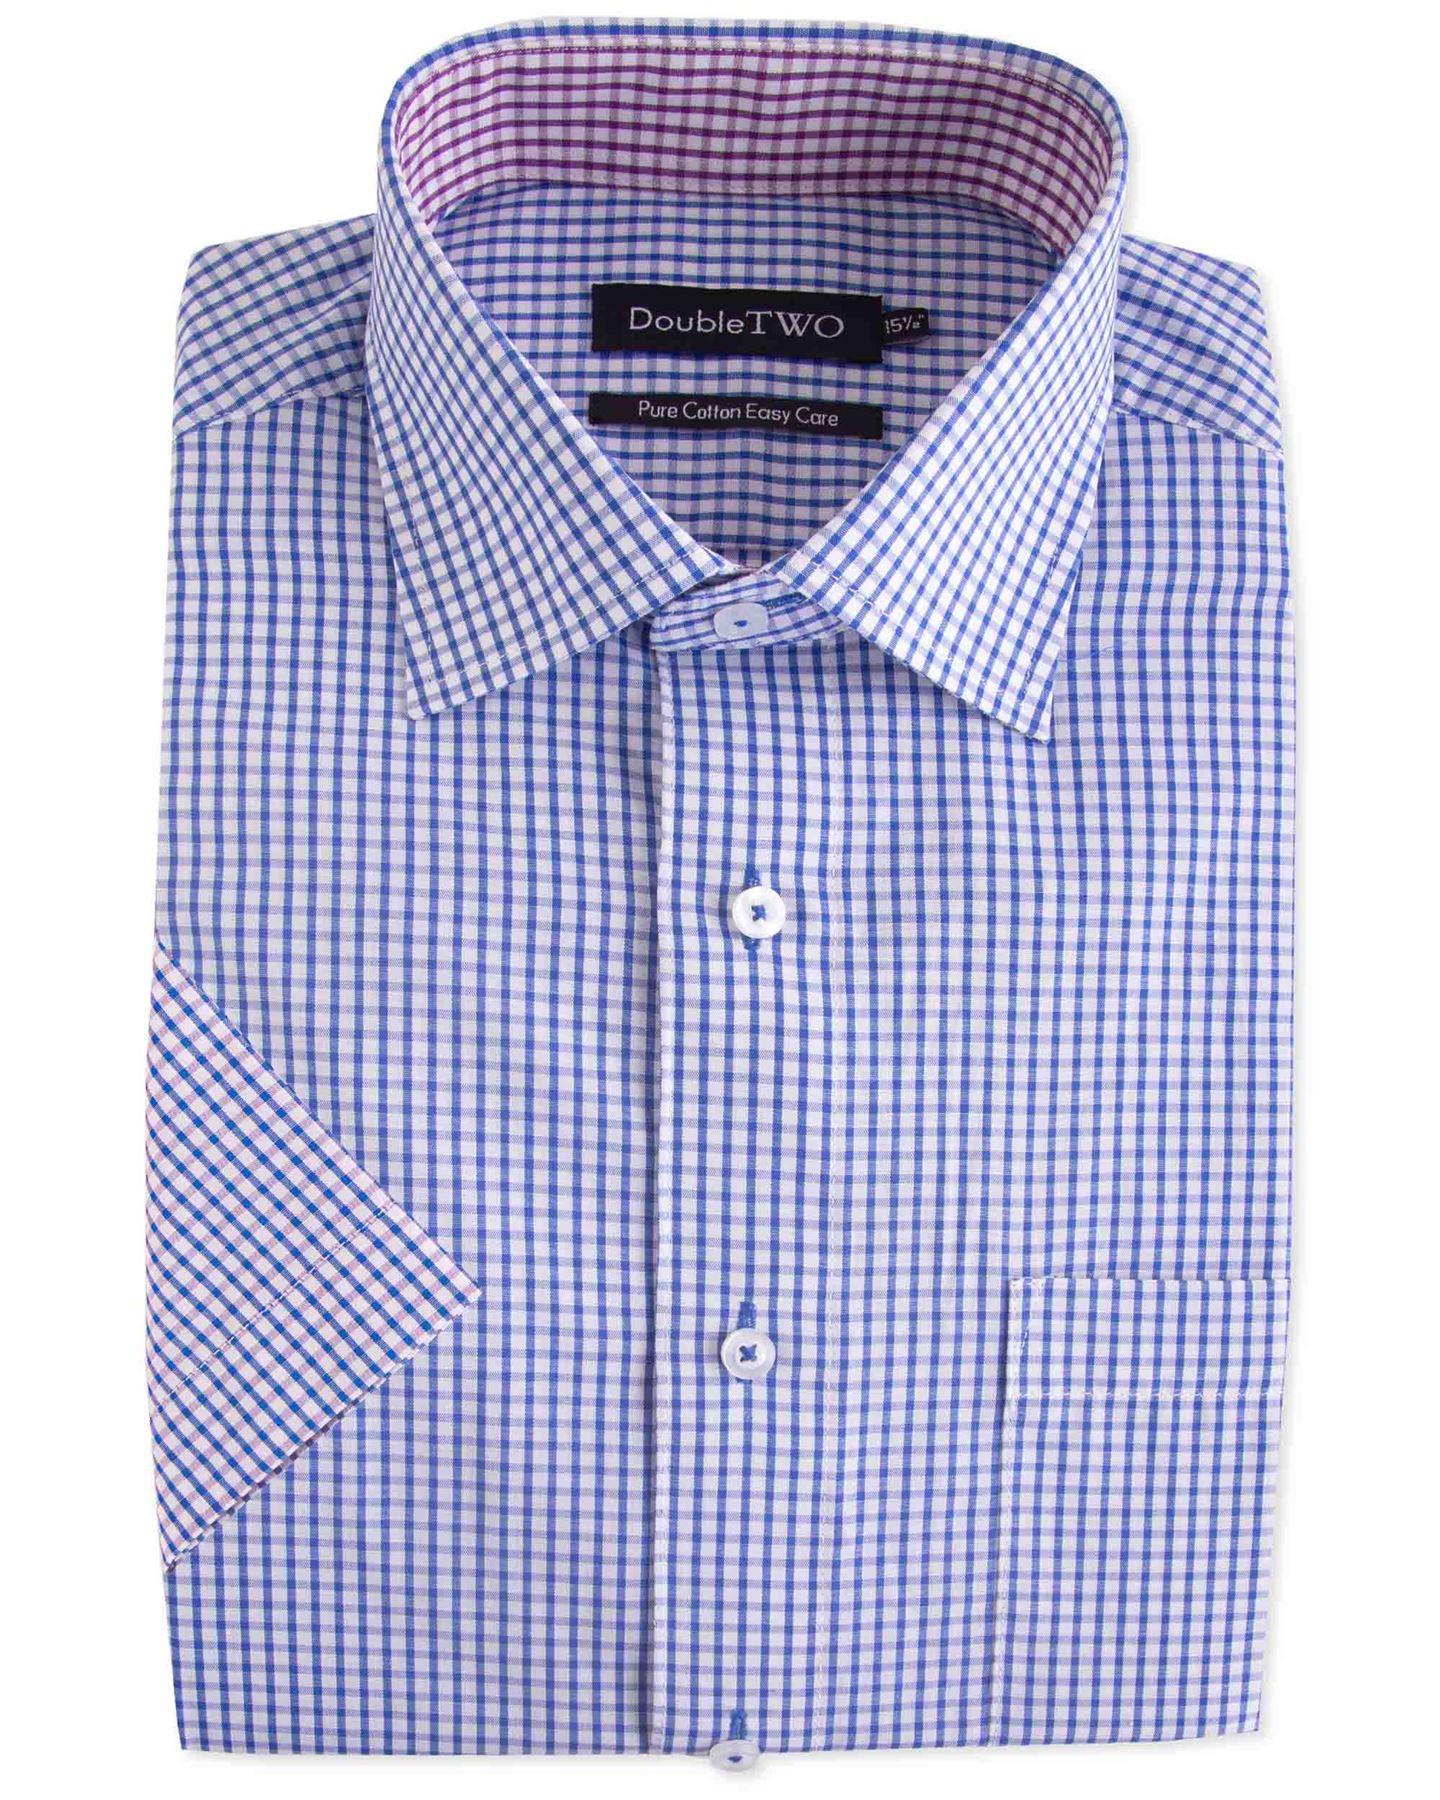 Fensajomon Mens Cotton Pure Color Long Sleeve Button Down Business Dress Shirts